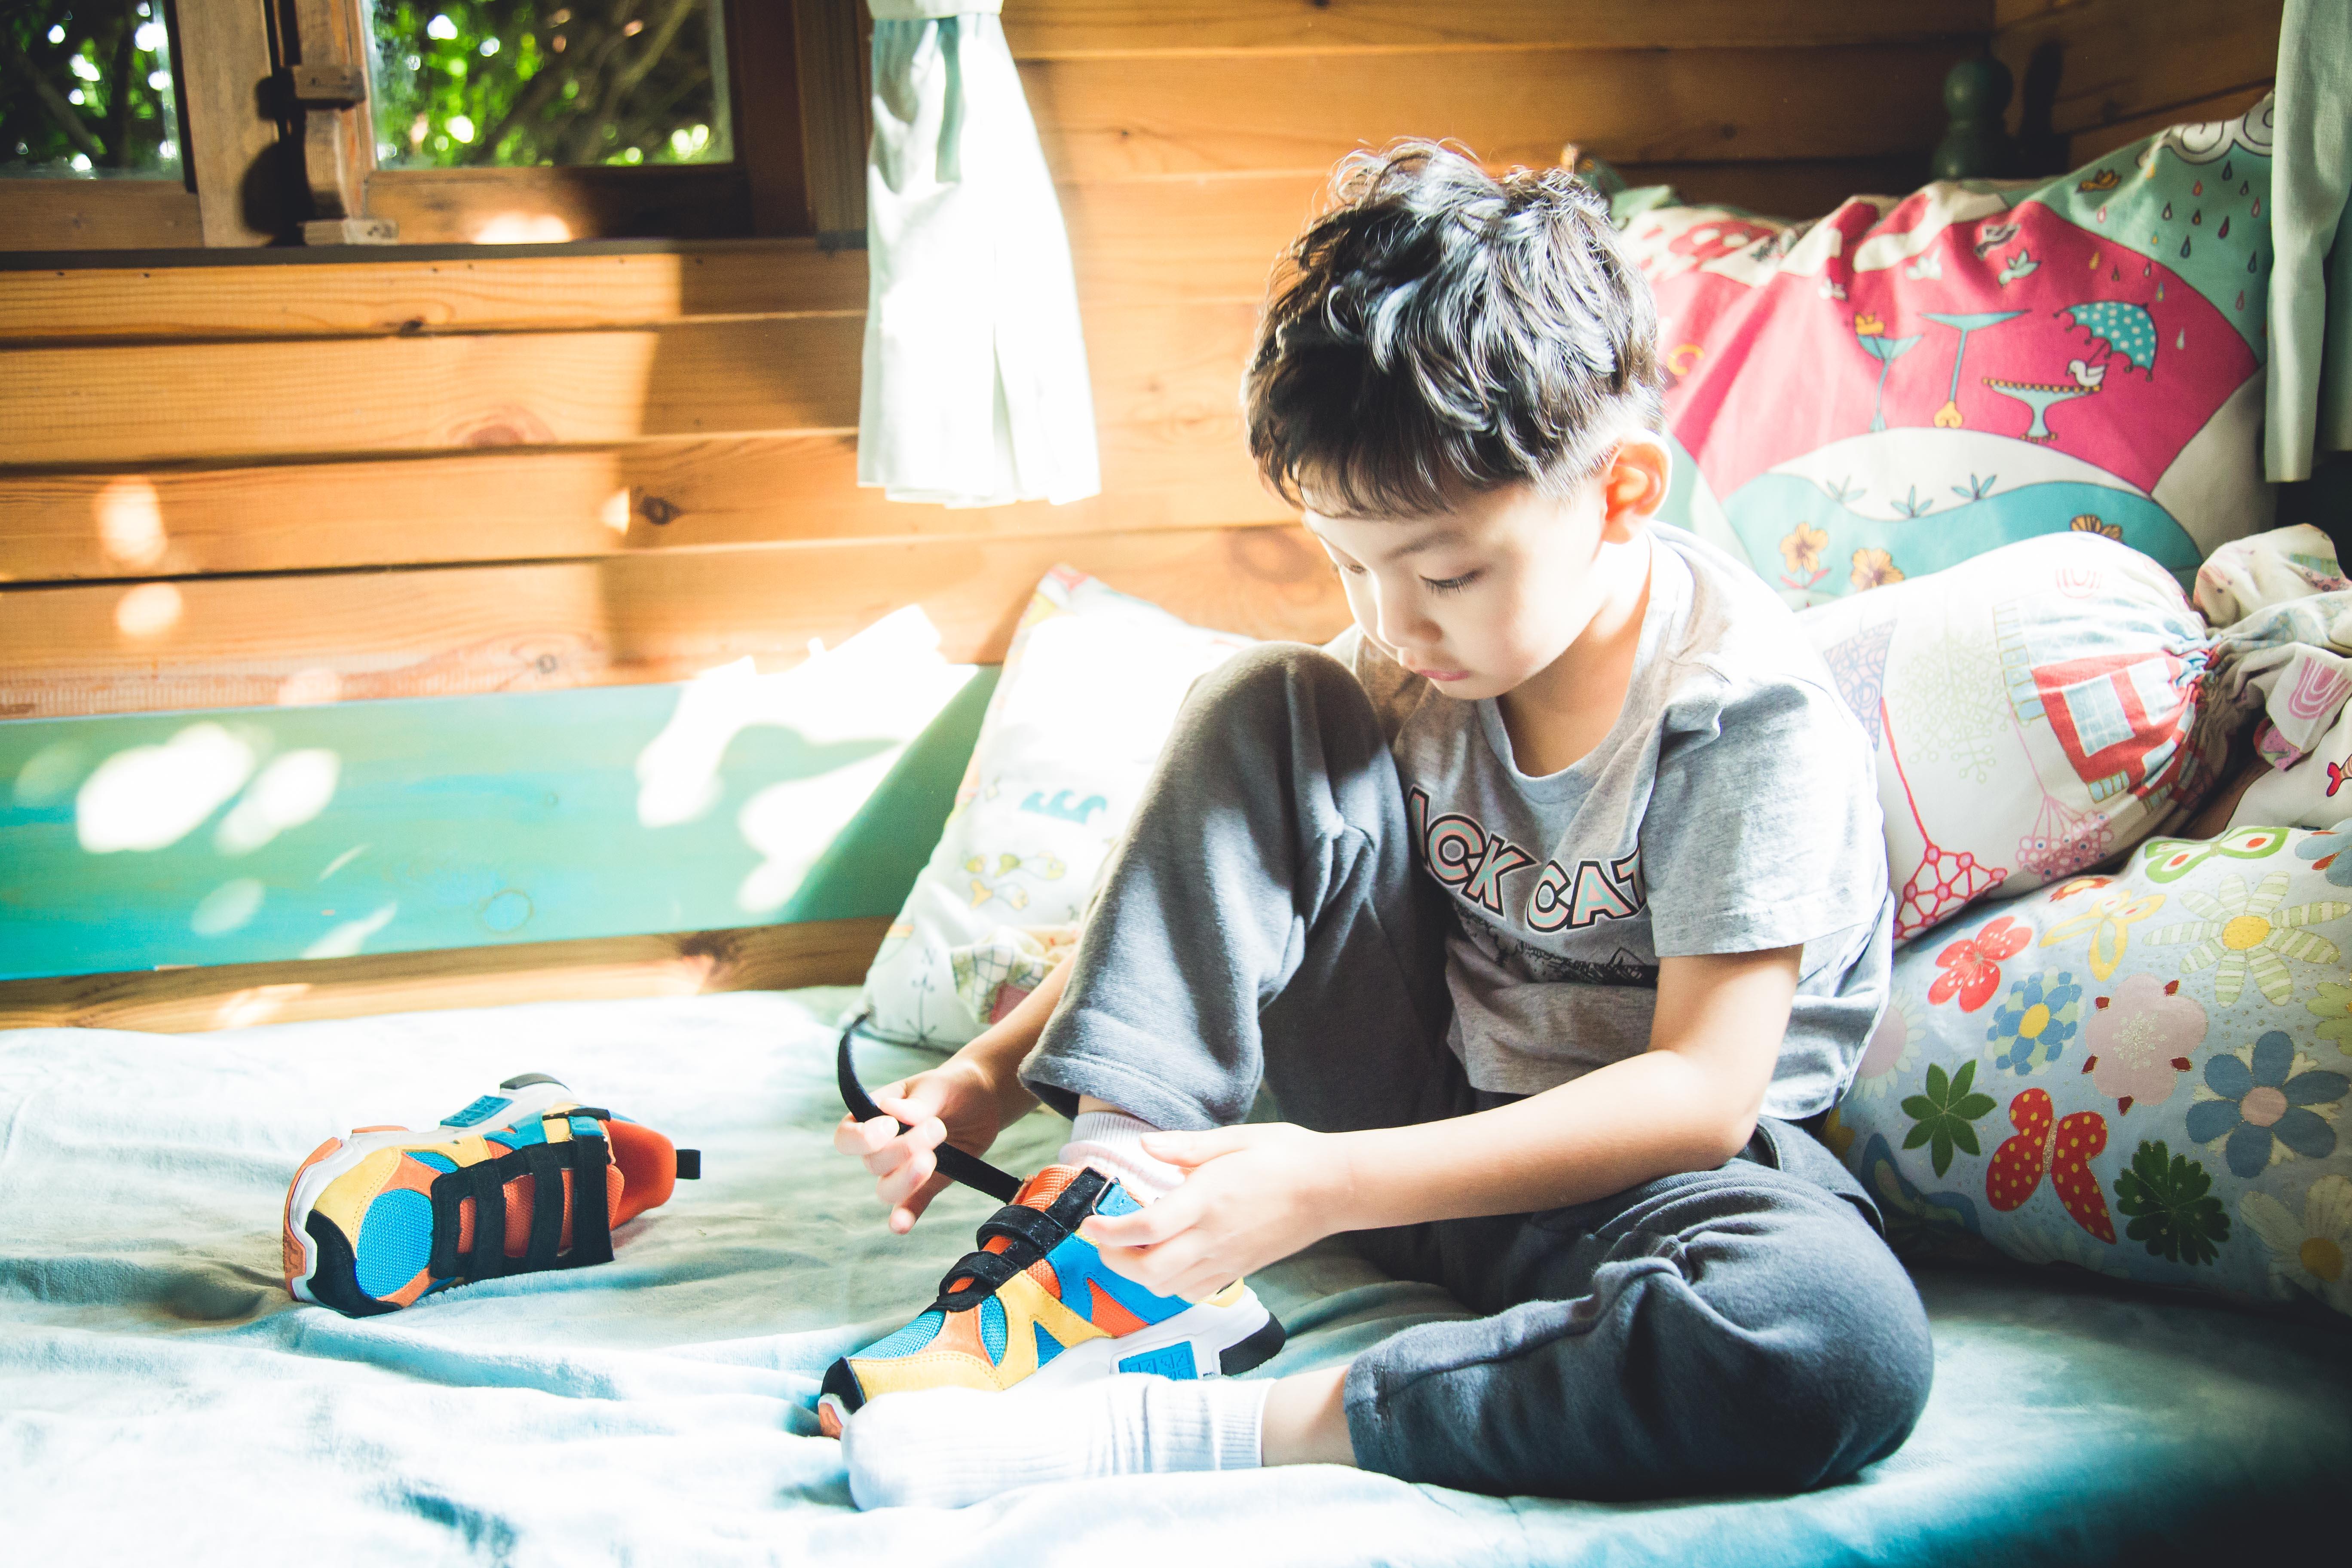 BANDZ班队长学系列学汉字款强势登场,创领童鞋时尚潮流!